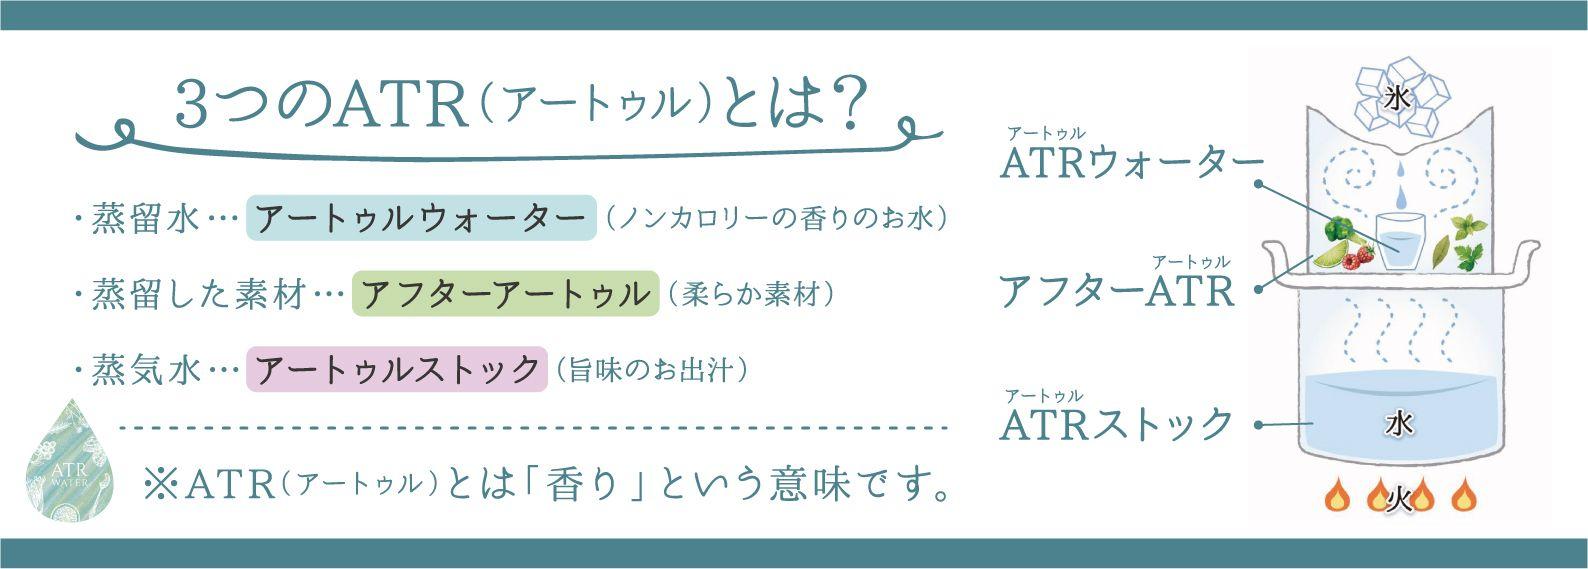 一般社団法人 日本アロマ蒸留協会/オフィシャルショップ